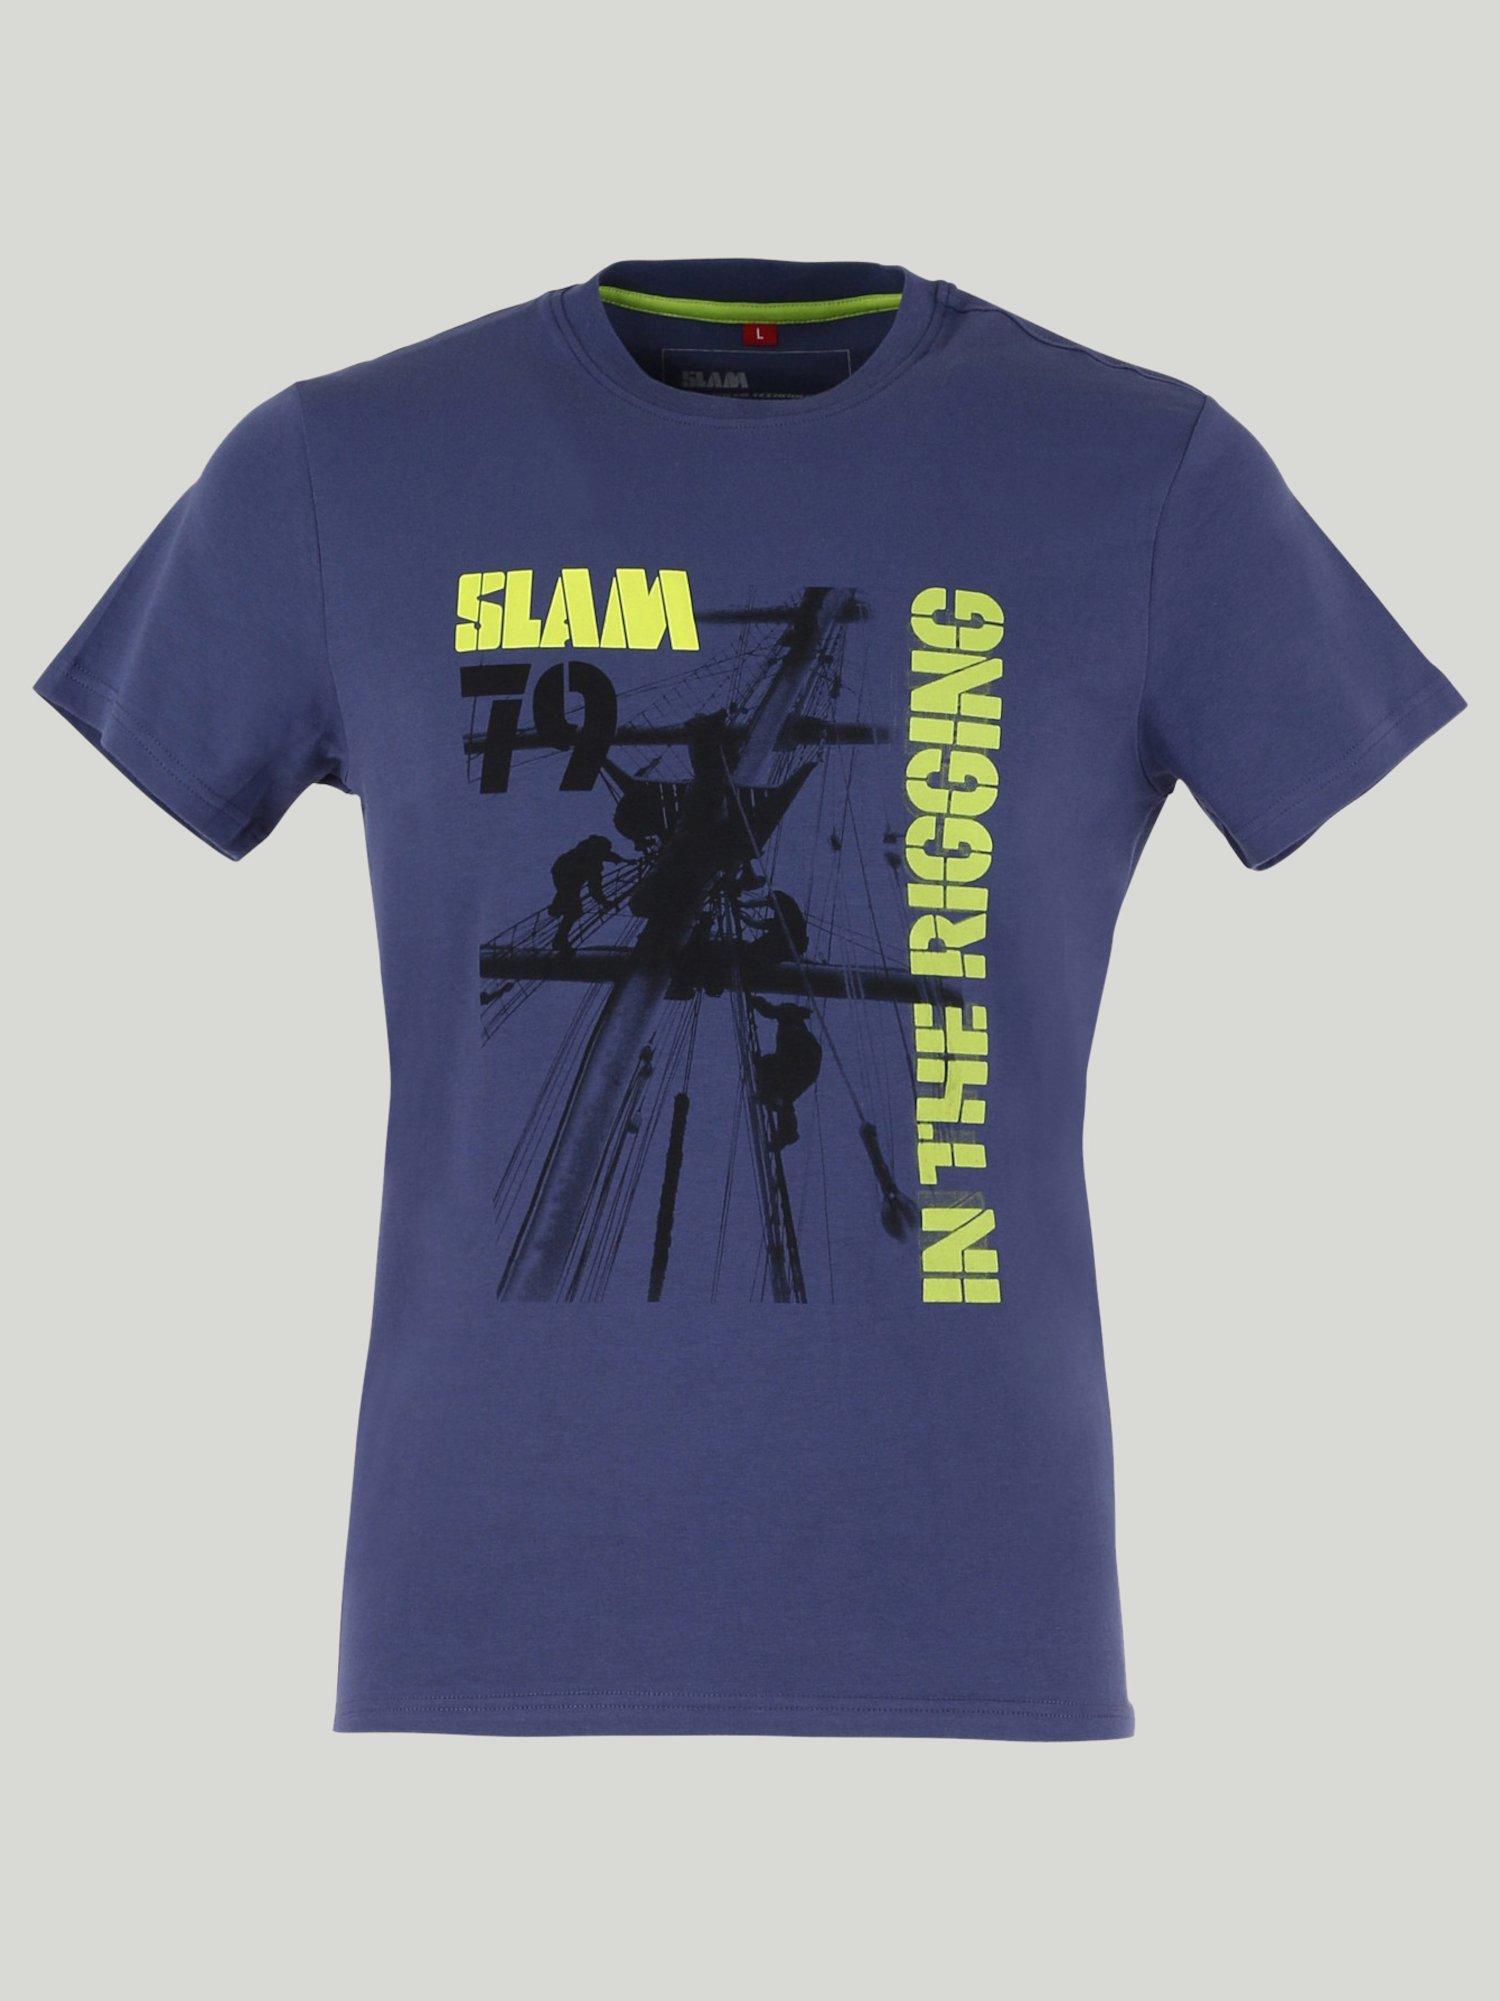 Wops t-shirt - Deep Blue